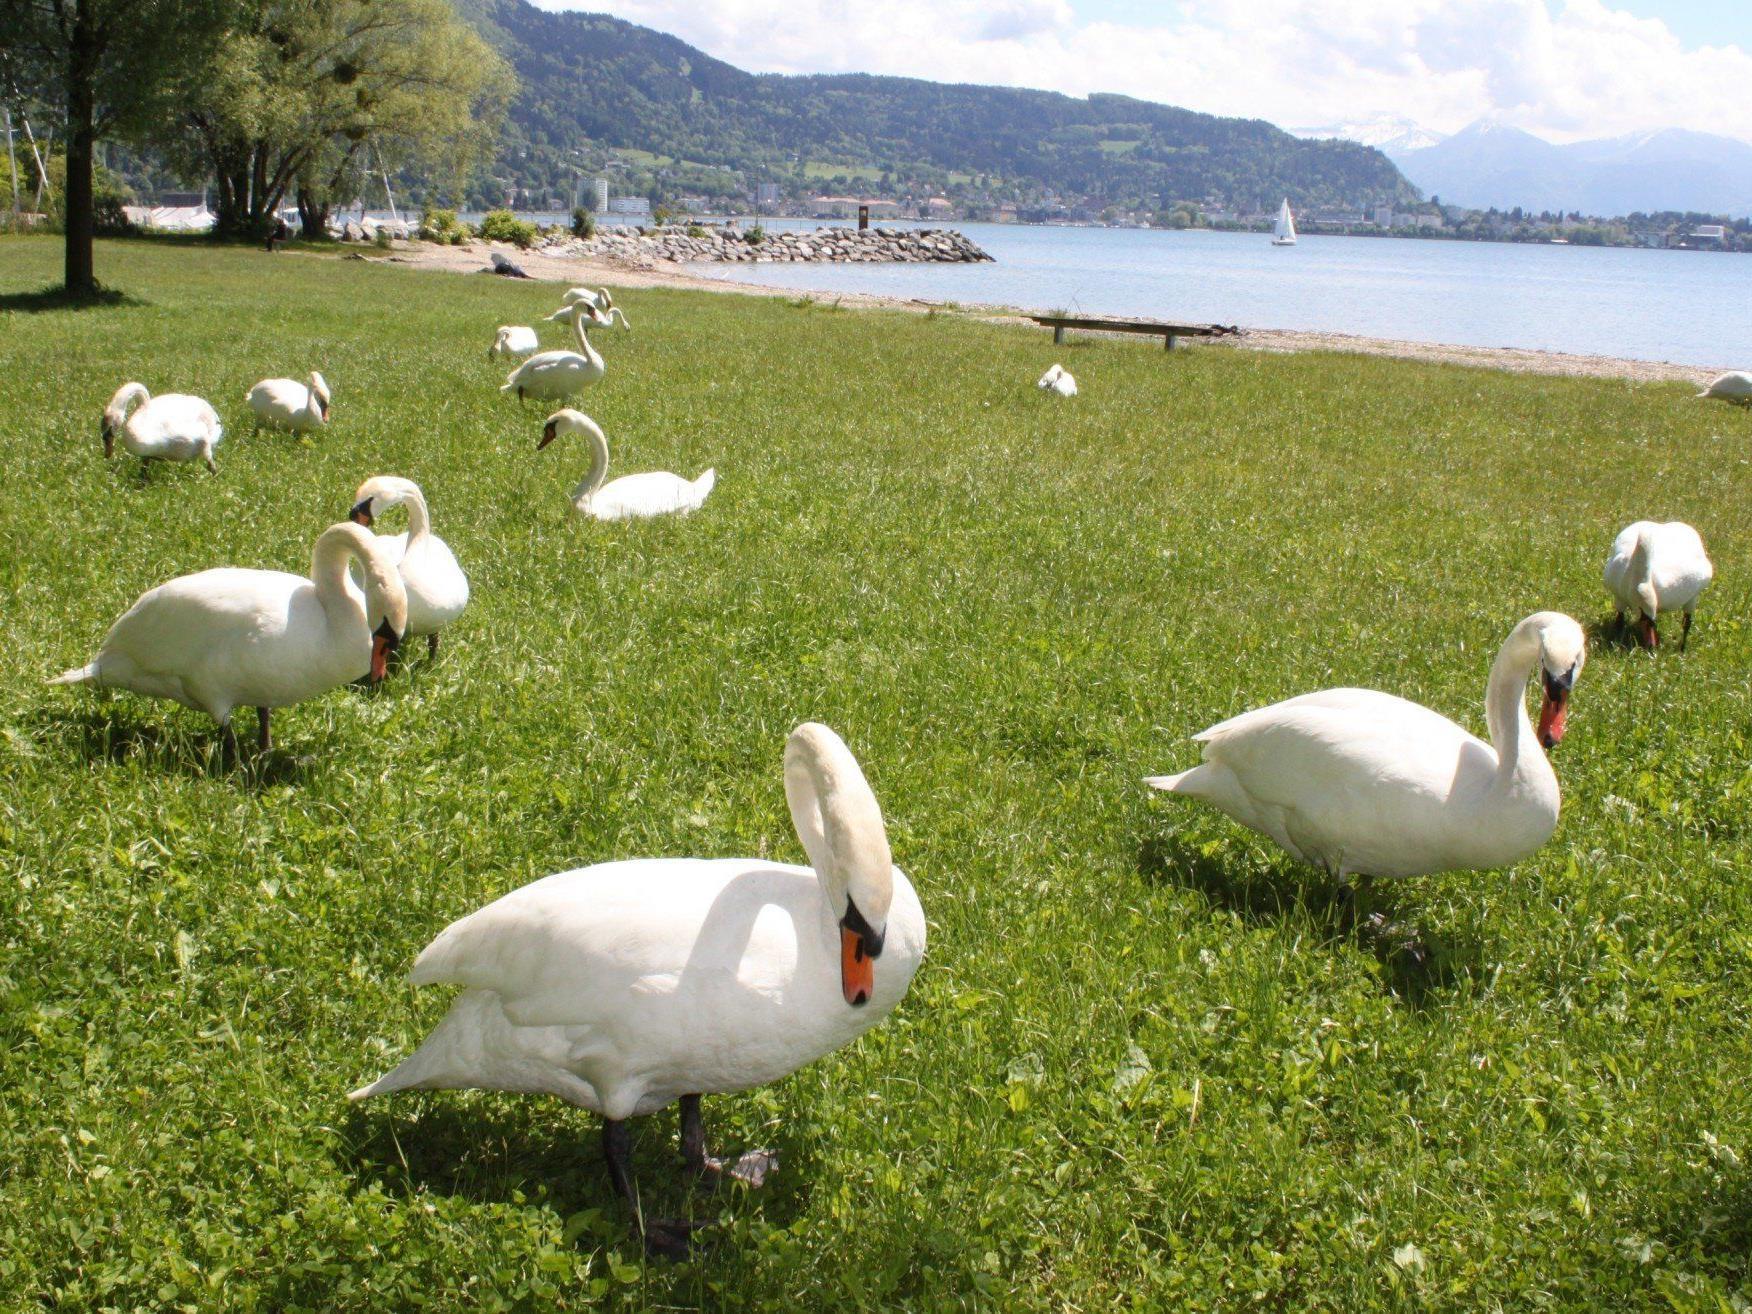 Stolze Bodenseeschwäne grasen auf den Liegewiesen am heimischen Bodenseeufer.